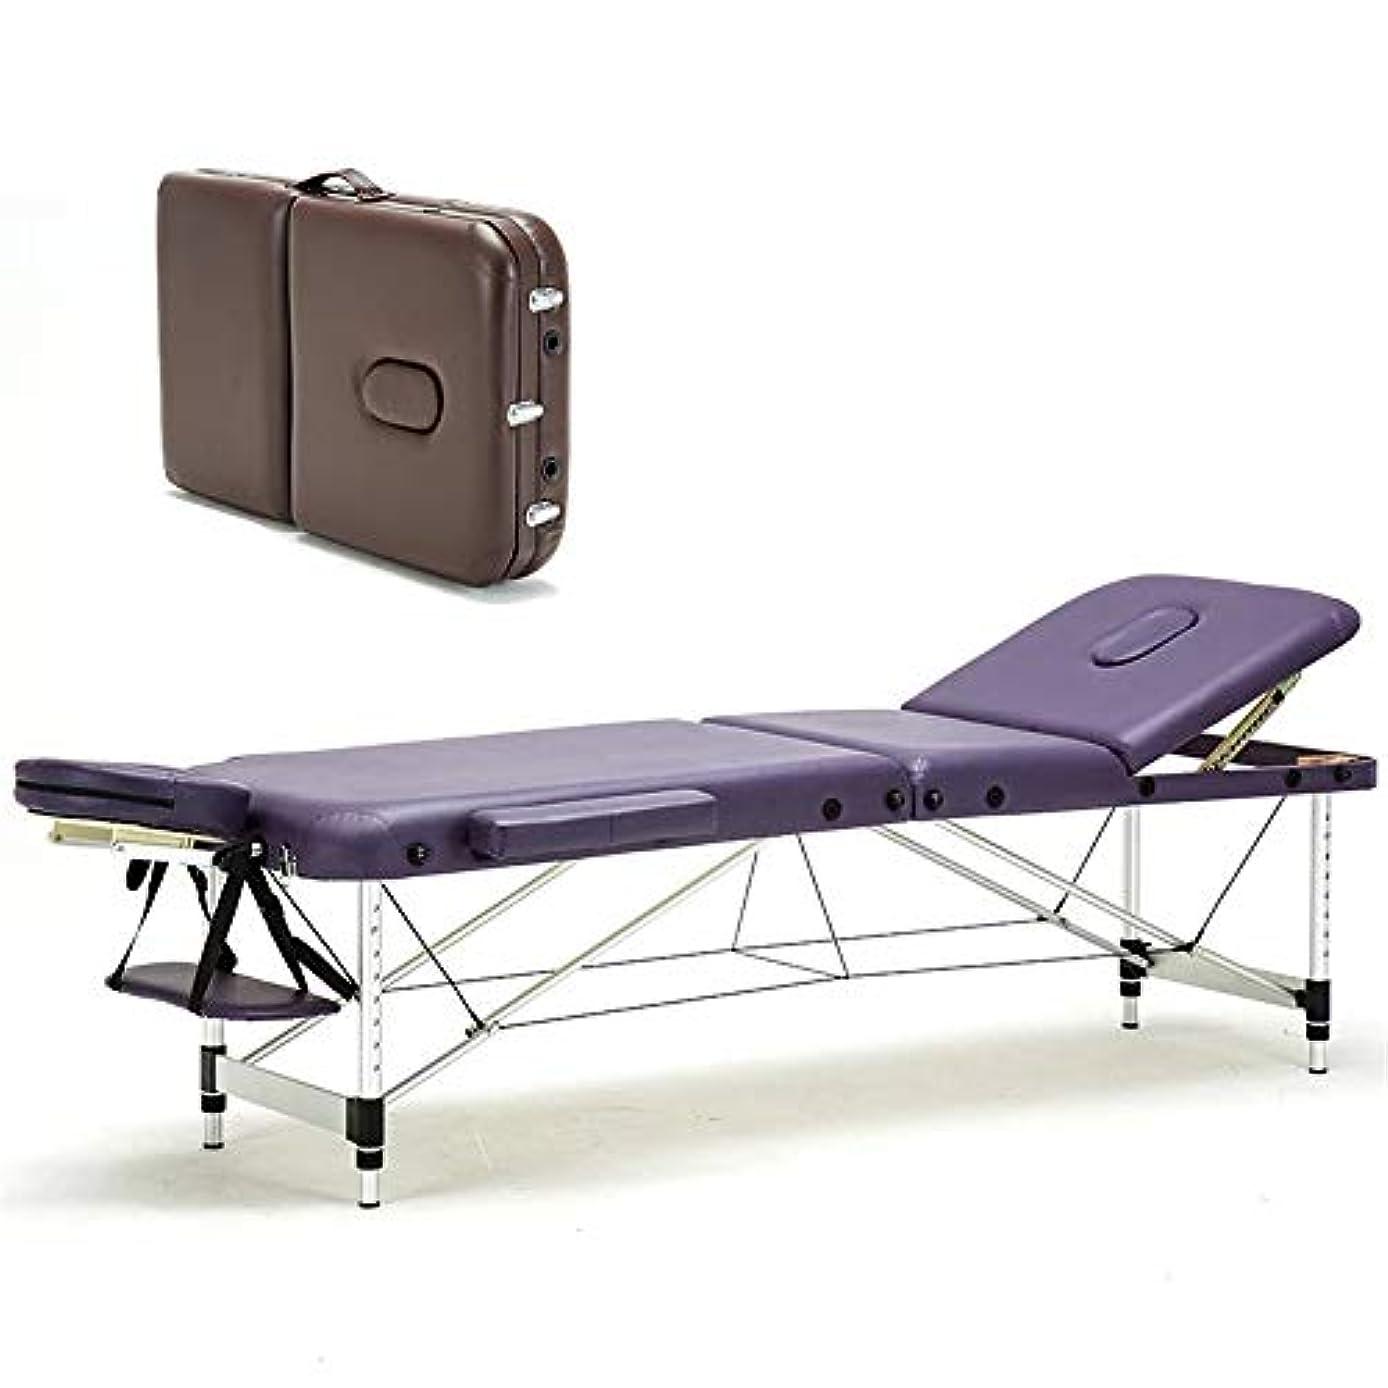 マラソン絶対にスリットポータブル折りたたみマッサージテーブル折りたたみベッドSPA美容ベッドサロン家具専門のマッサージテーブル,B